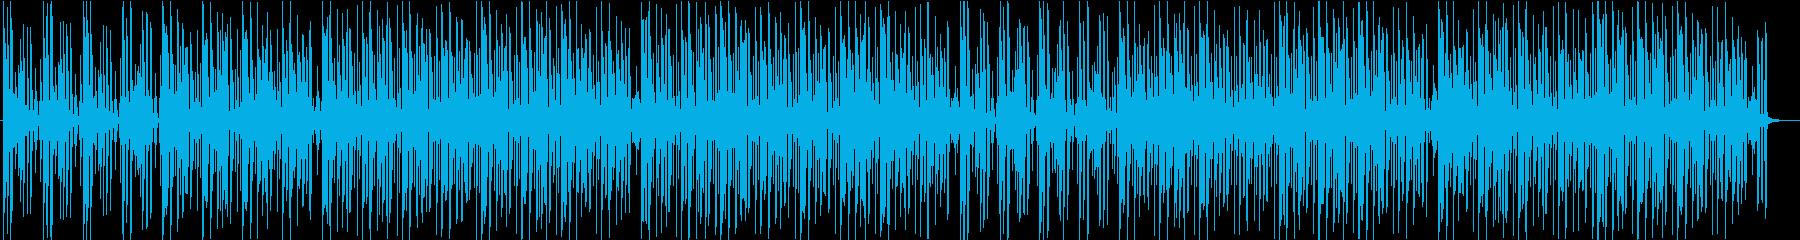 プレゼン 企業VP クールな印象の再生済みの波形